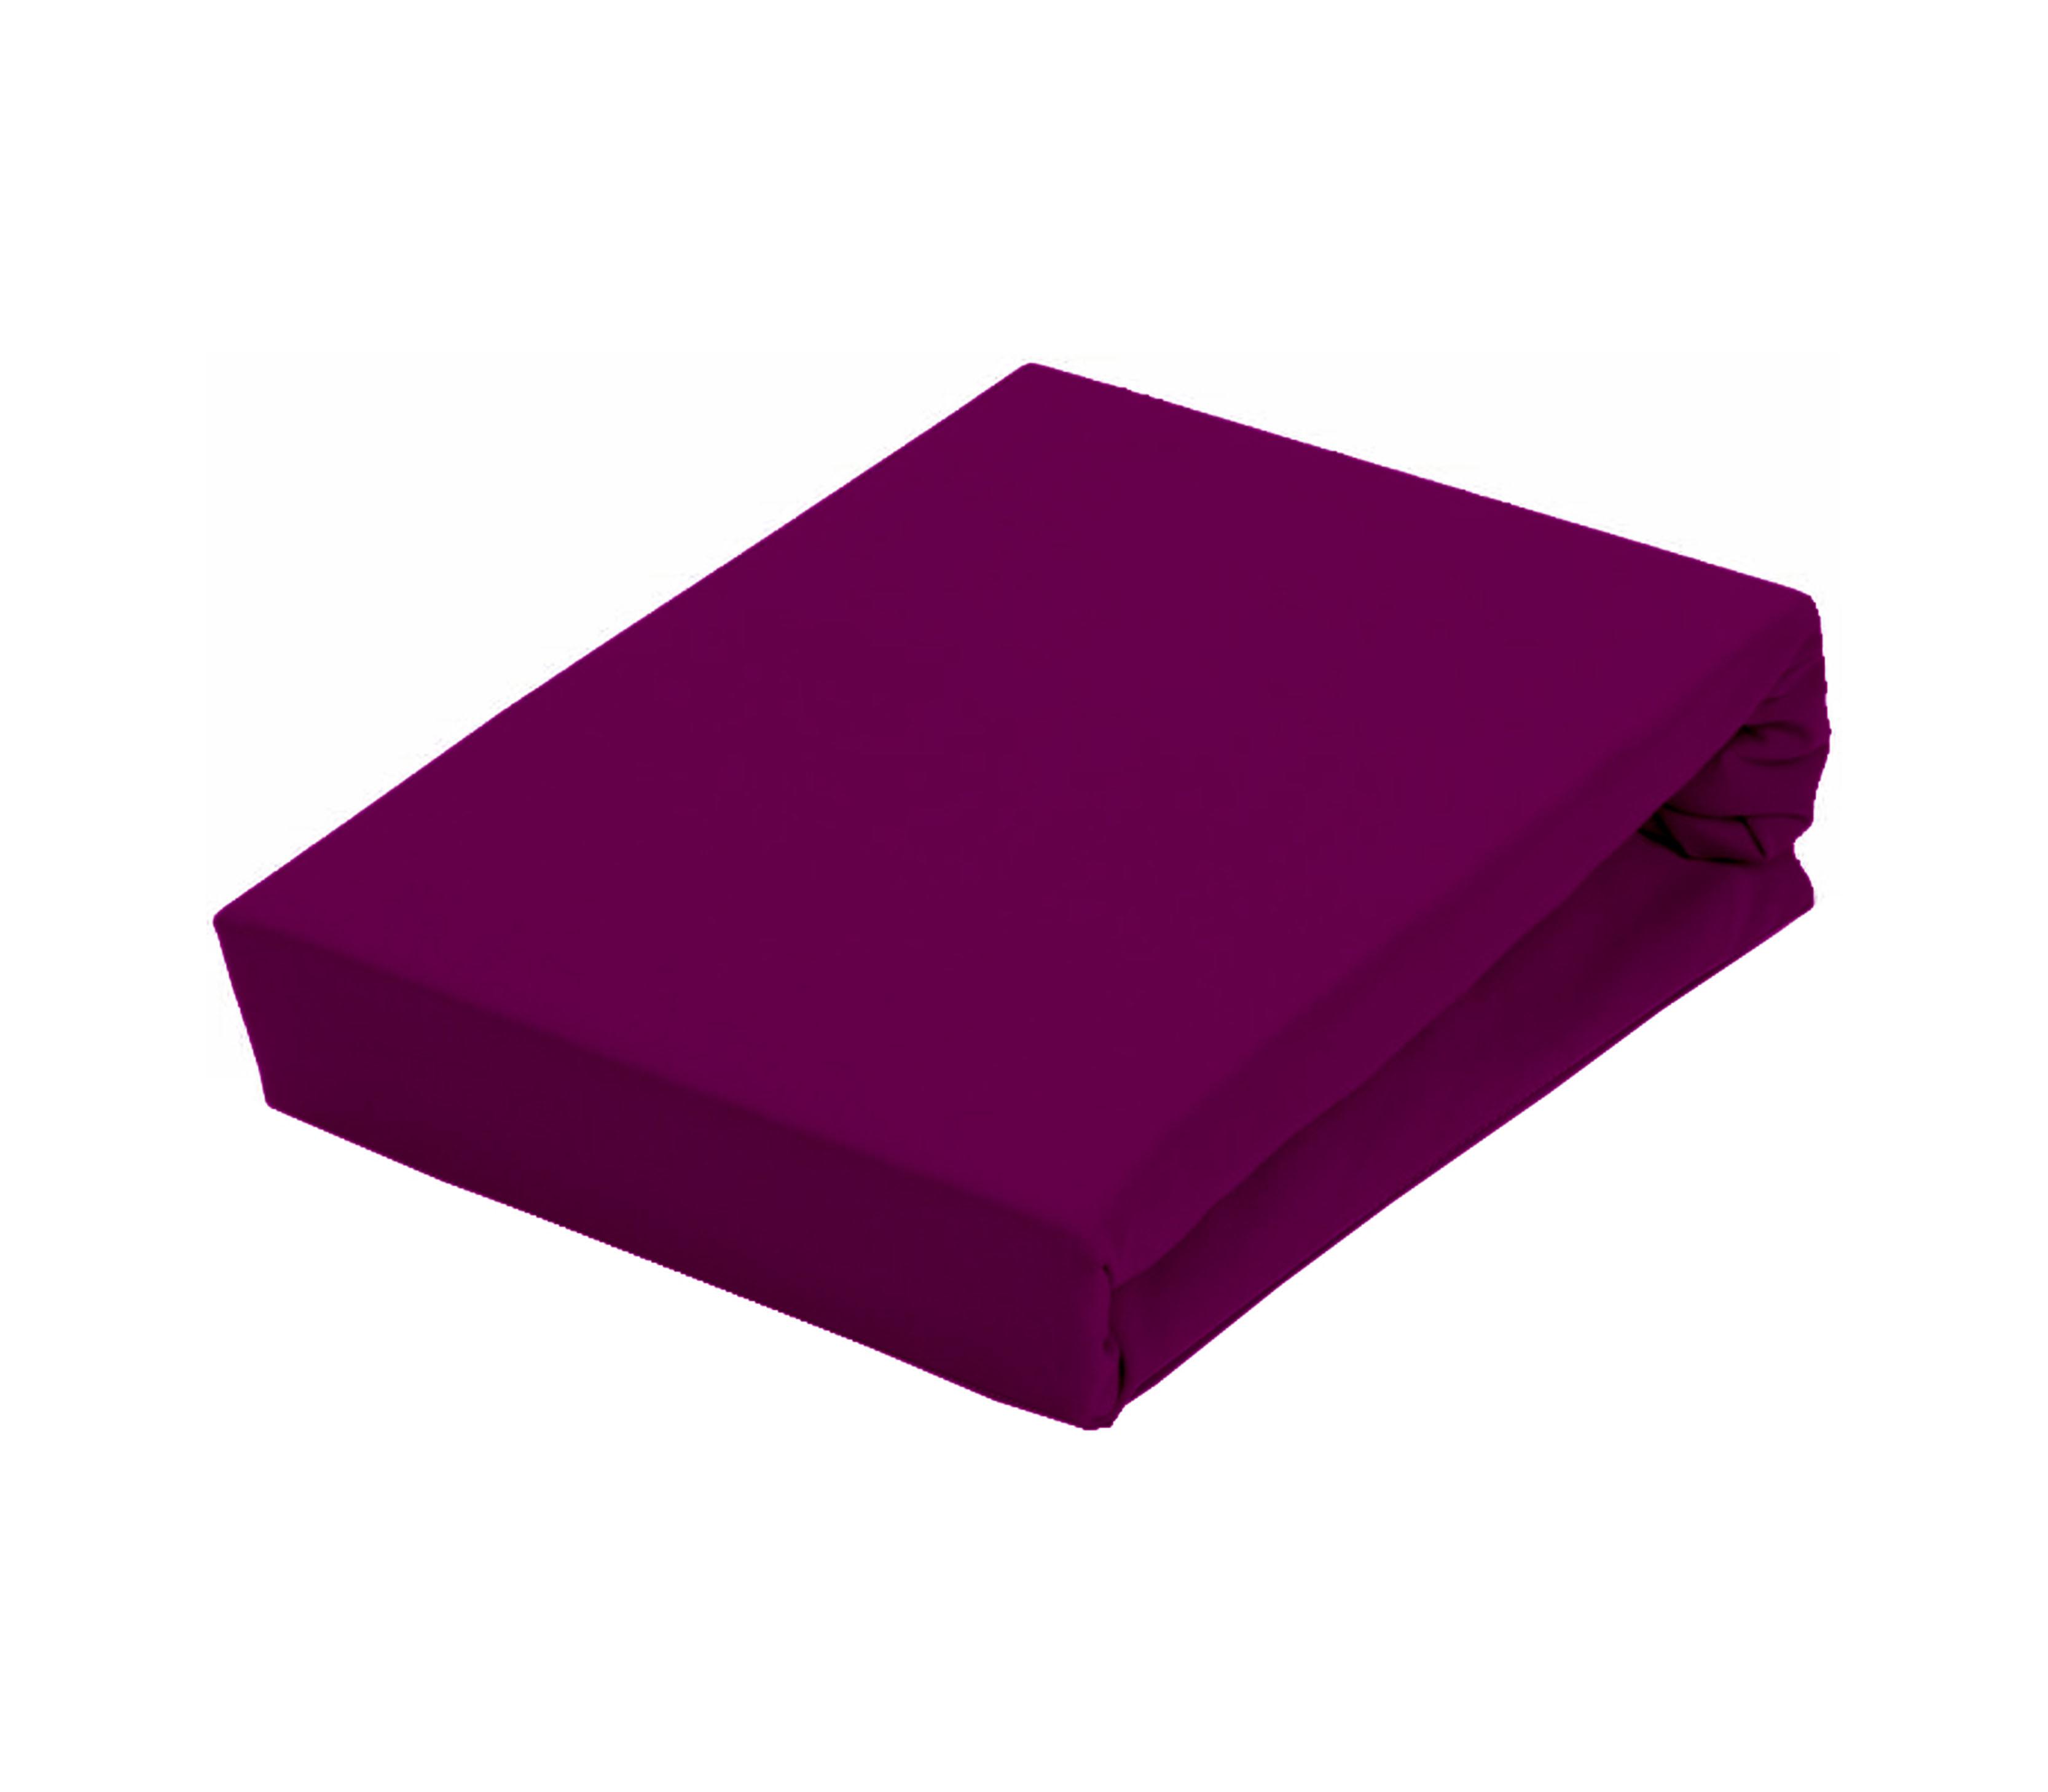 Aga Prostěradlo JERSEY 90x200 cm  Barva prostěradla: Tmavě fialová